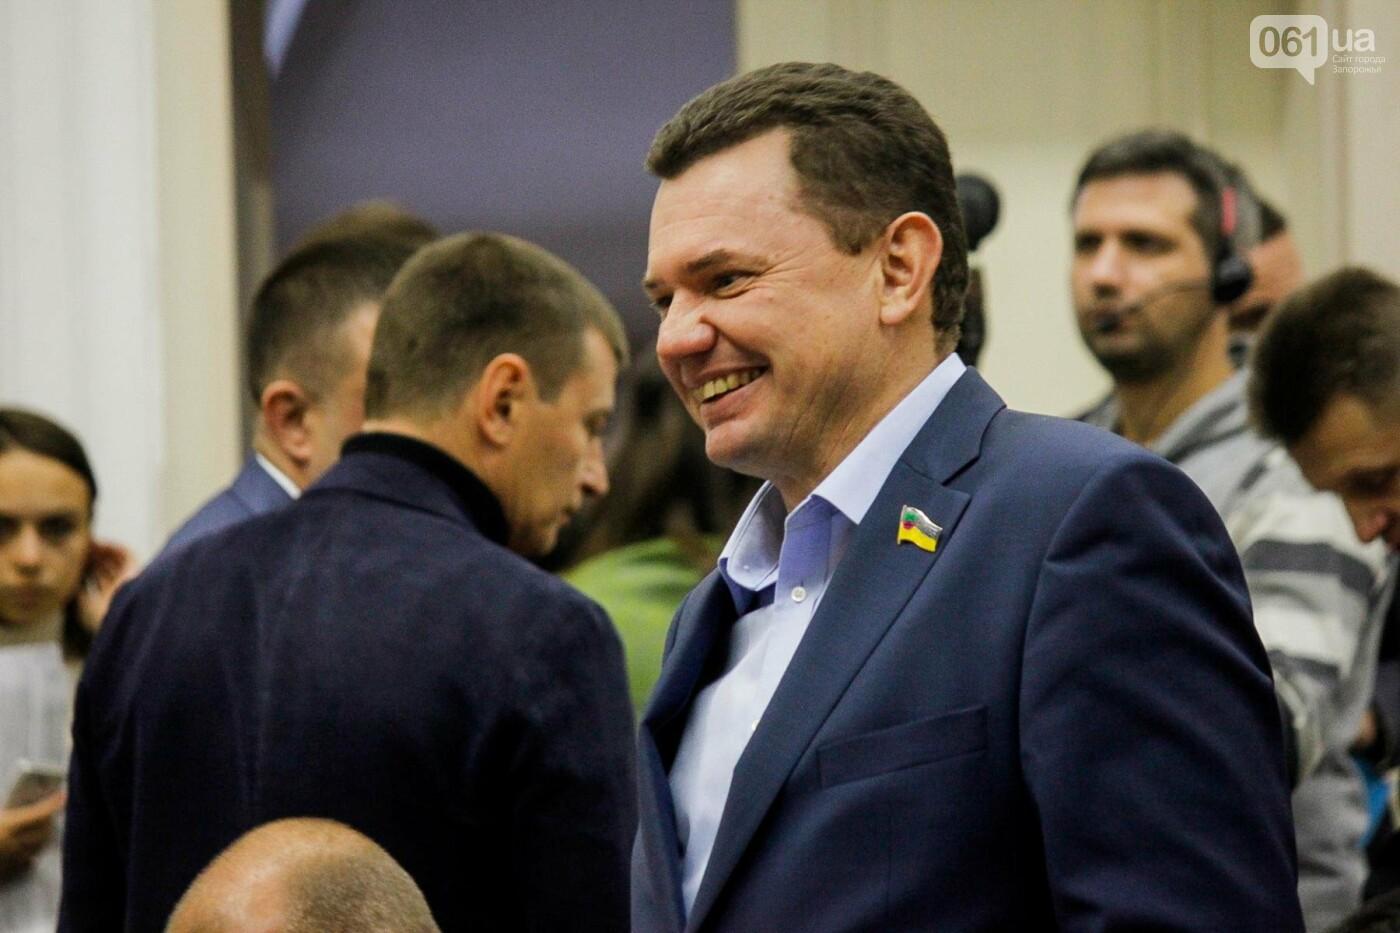 Сессия запорожского горсовета в 55 фотографиях, - ФОТОРЕПОРТАЖ, фото-39